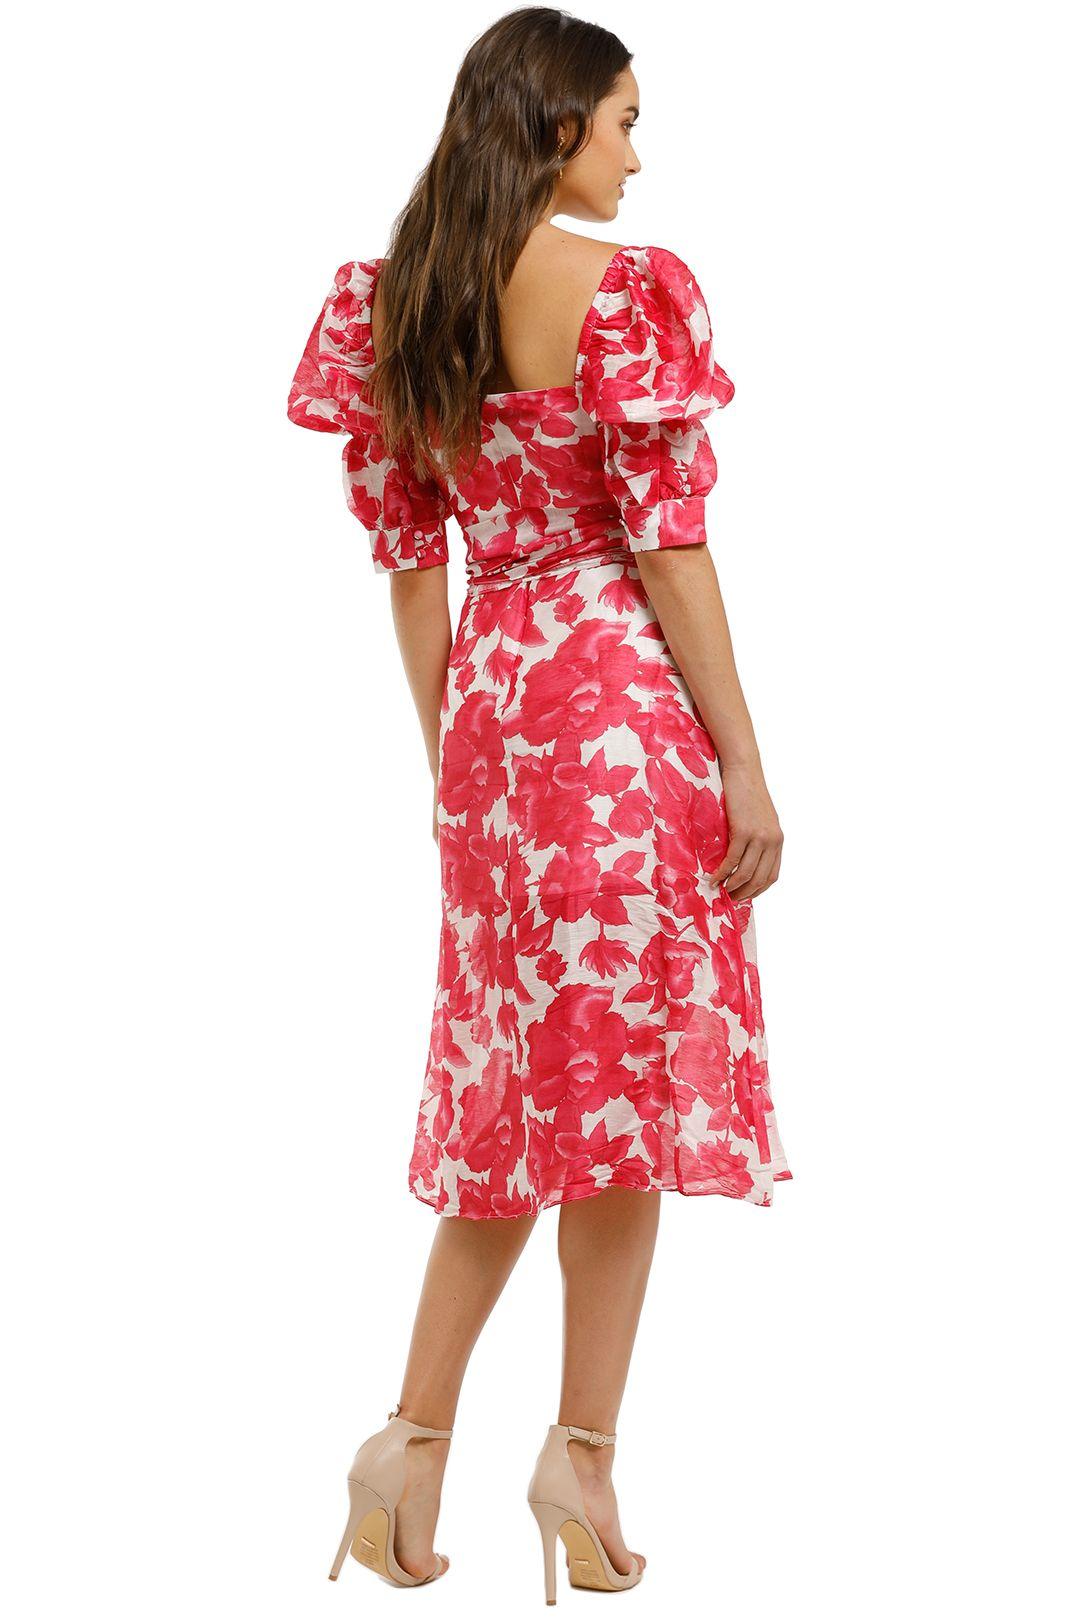 Talulah-Martini-Midi-Dress-Raspberry-Martini-Floral-Back